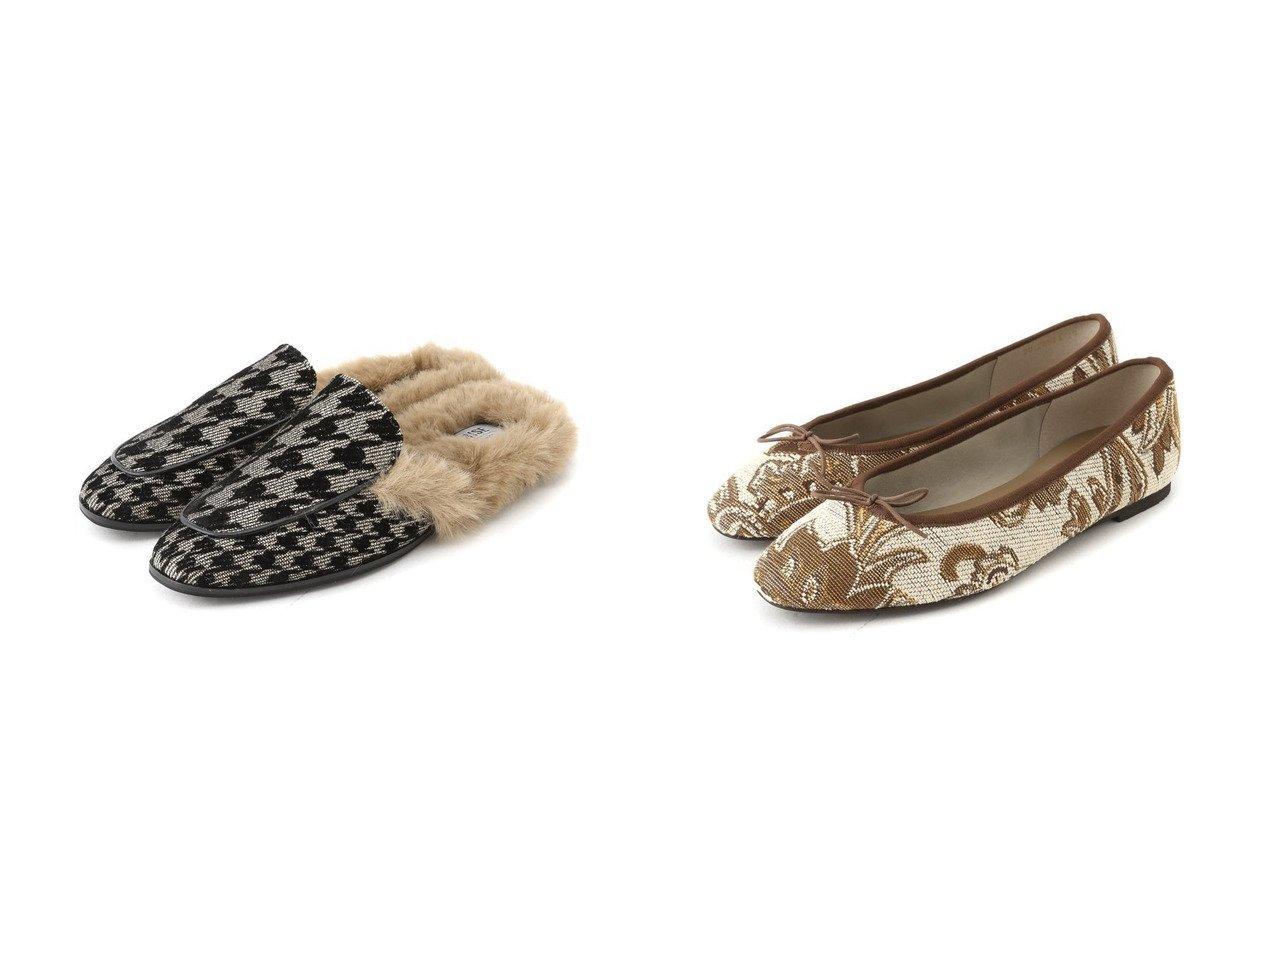 【Le Talon/ル タロン】のGローファースリッパ(S-LL)&GソフトJQバレエ(22-255) シューズ・靴のおすすめ!人気、トレンド・レディースファッションの通販 おすすめで人気の流行・トレンド、ファッションの通販商品 メンズファッション・キッズファッション・インテリア・家具・レディースファッション・服の通販 founy(ファニー) https://founy.com/ ファッション Fashion レディースファッション WOMEN NEW・新作・新着・新入荷 New Arrivals 2020年 2020 2020-2021 秋冬 A/W AW Autumn/Winter / FW Fall-Winter 2020-2021 A/W 秋冬 AW Autumn/Winter / FW Fall-Winter シューズ スリッパ トレンド バレエ ペイズリー ヴィンテージ 秋 |ID:crp329100000009785